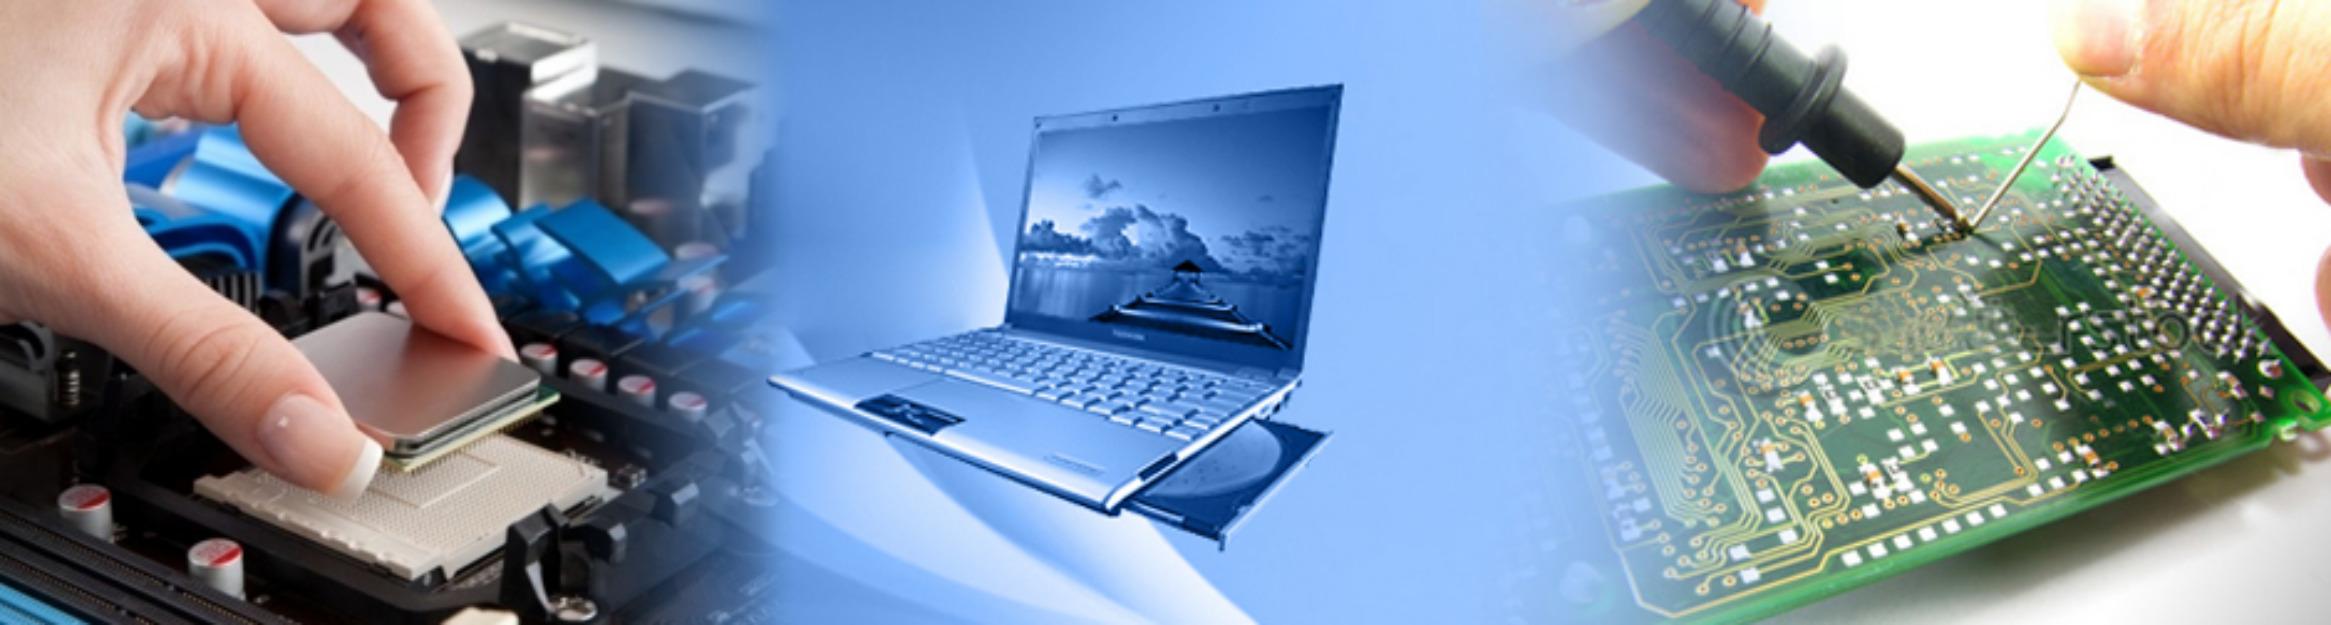 Laptop - Φορητών